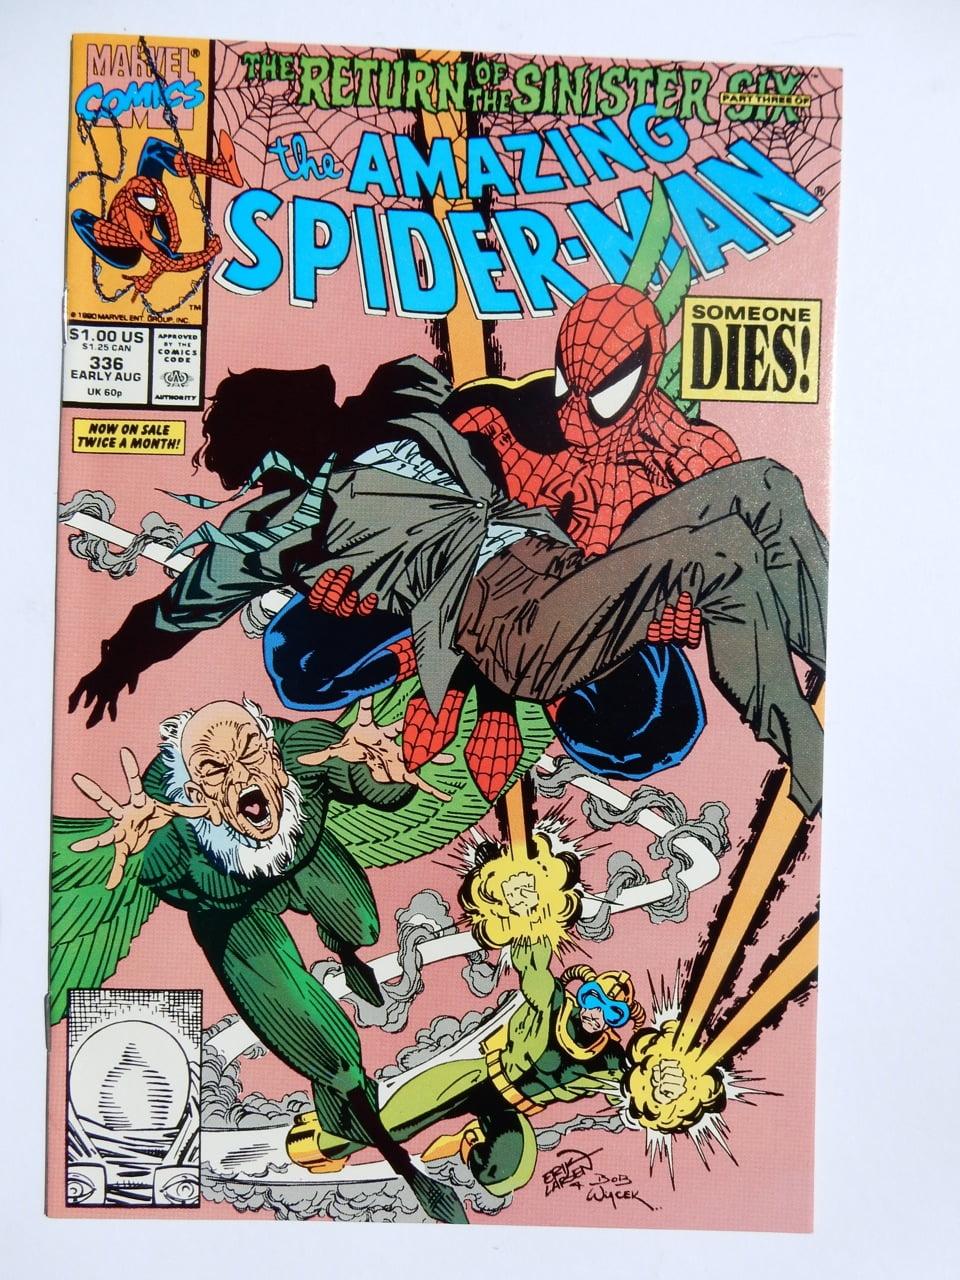 Amazing Spider-Man #336